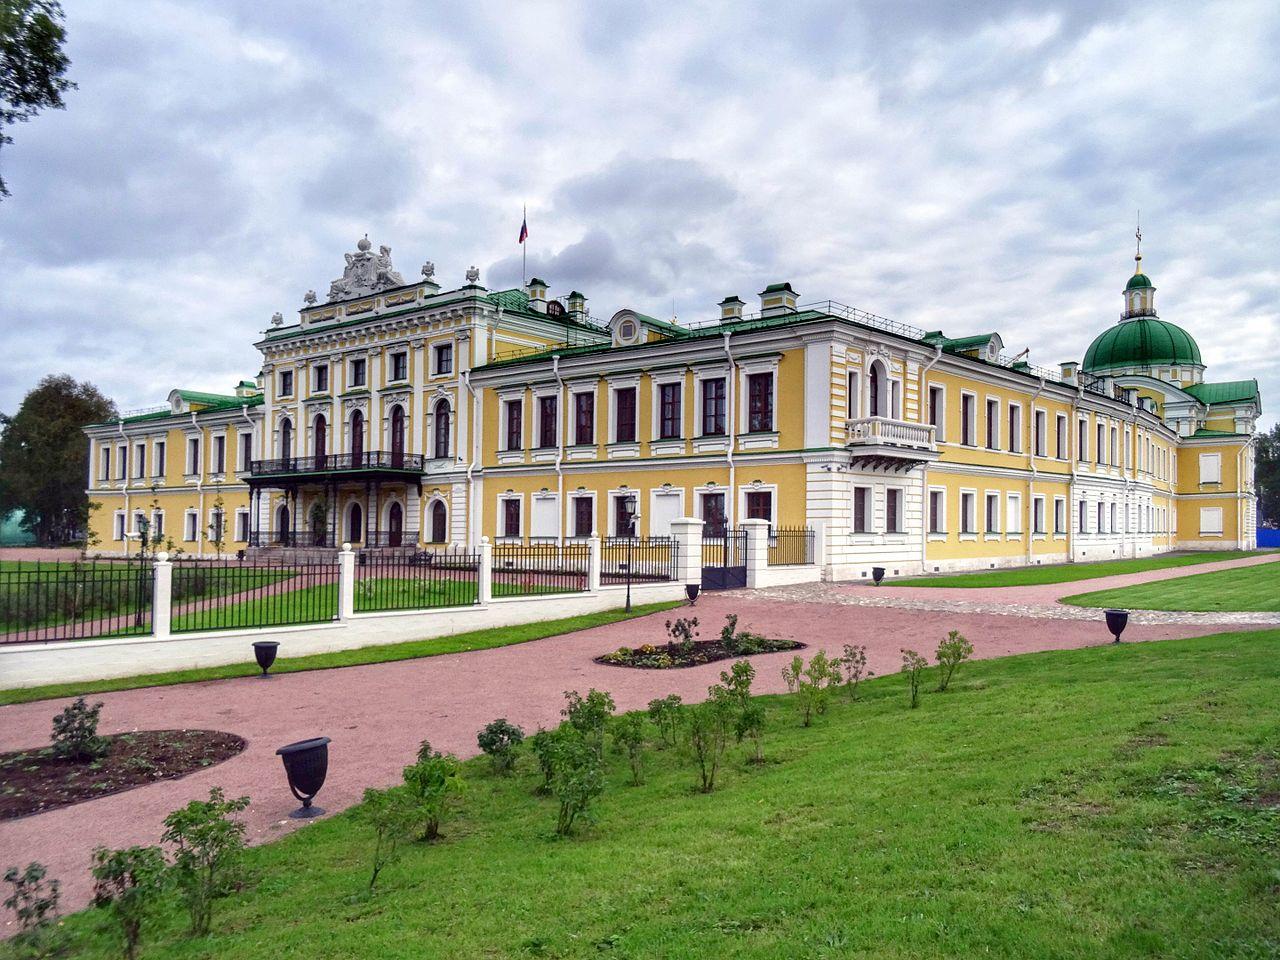 Вид на Императорский путевой дворец в Твери